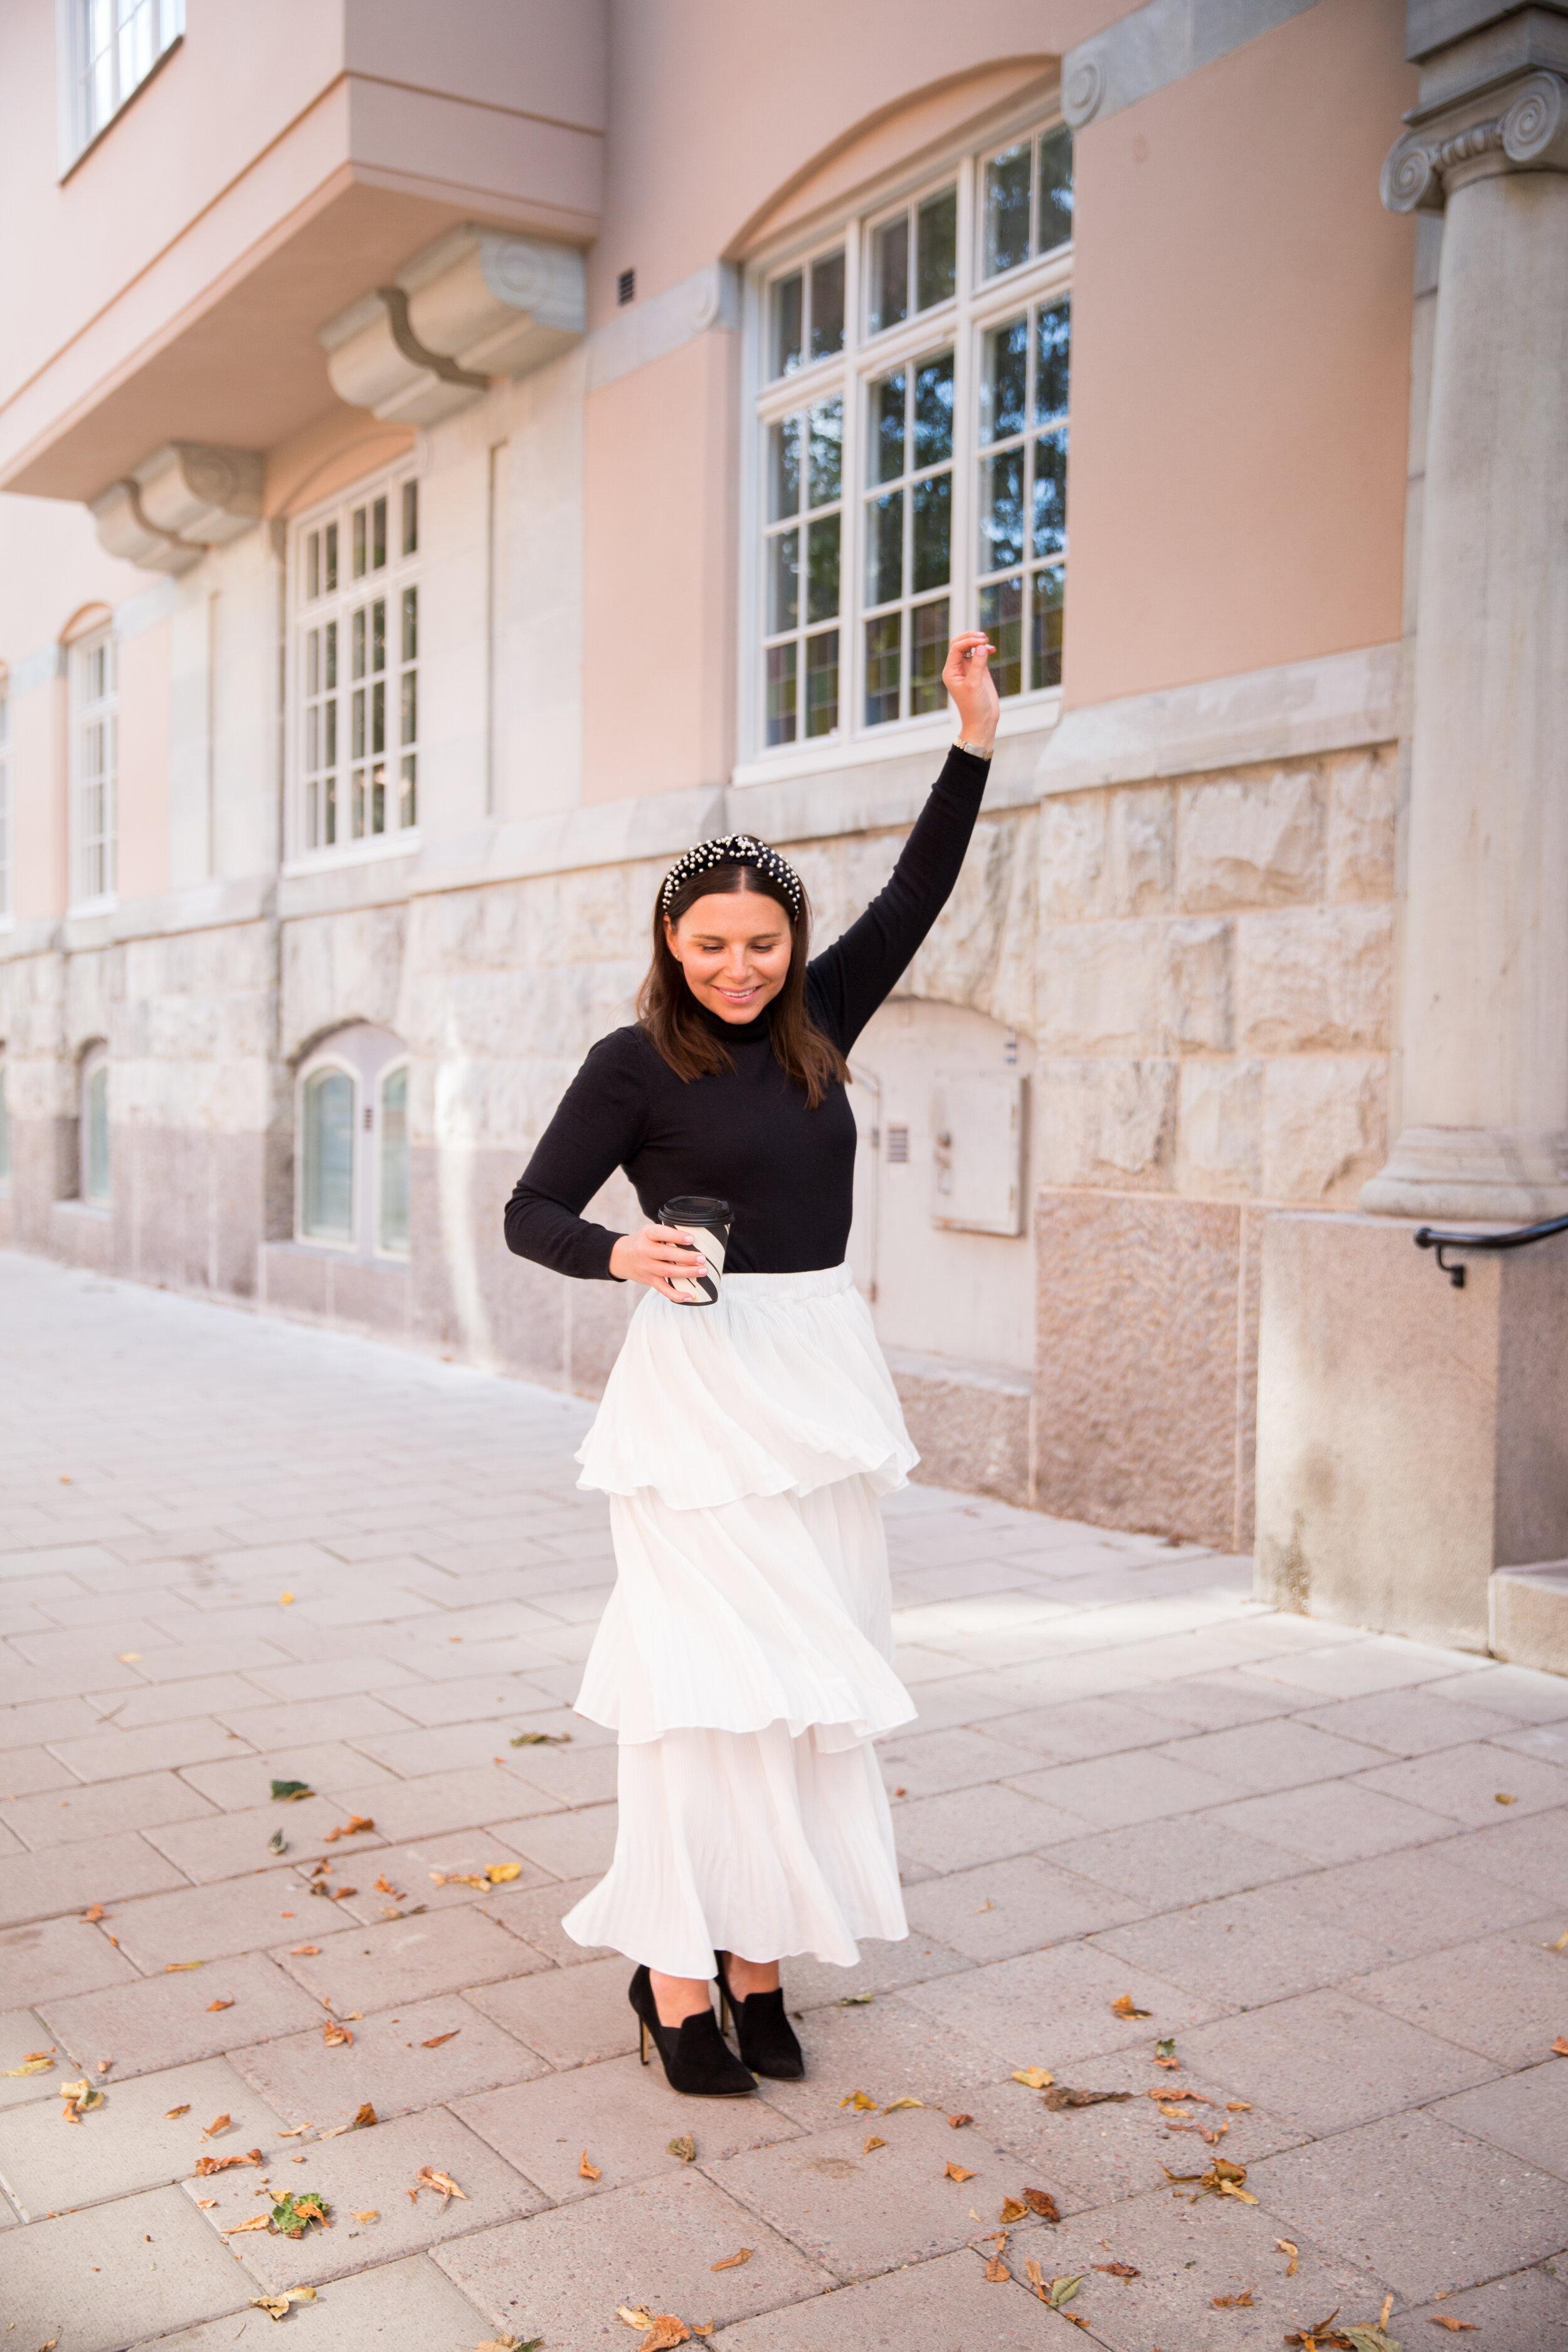 Angelica Aurell stil mode hostmode stil diadem.jpg